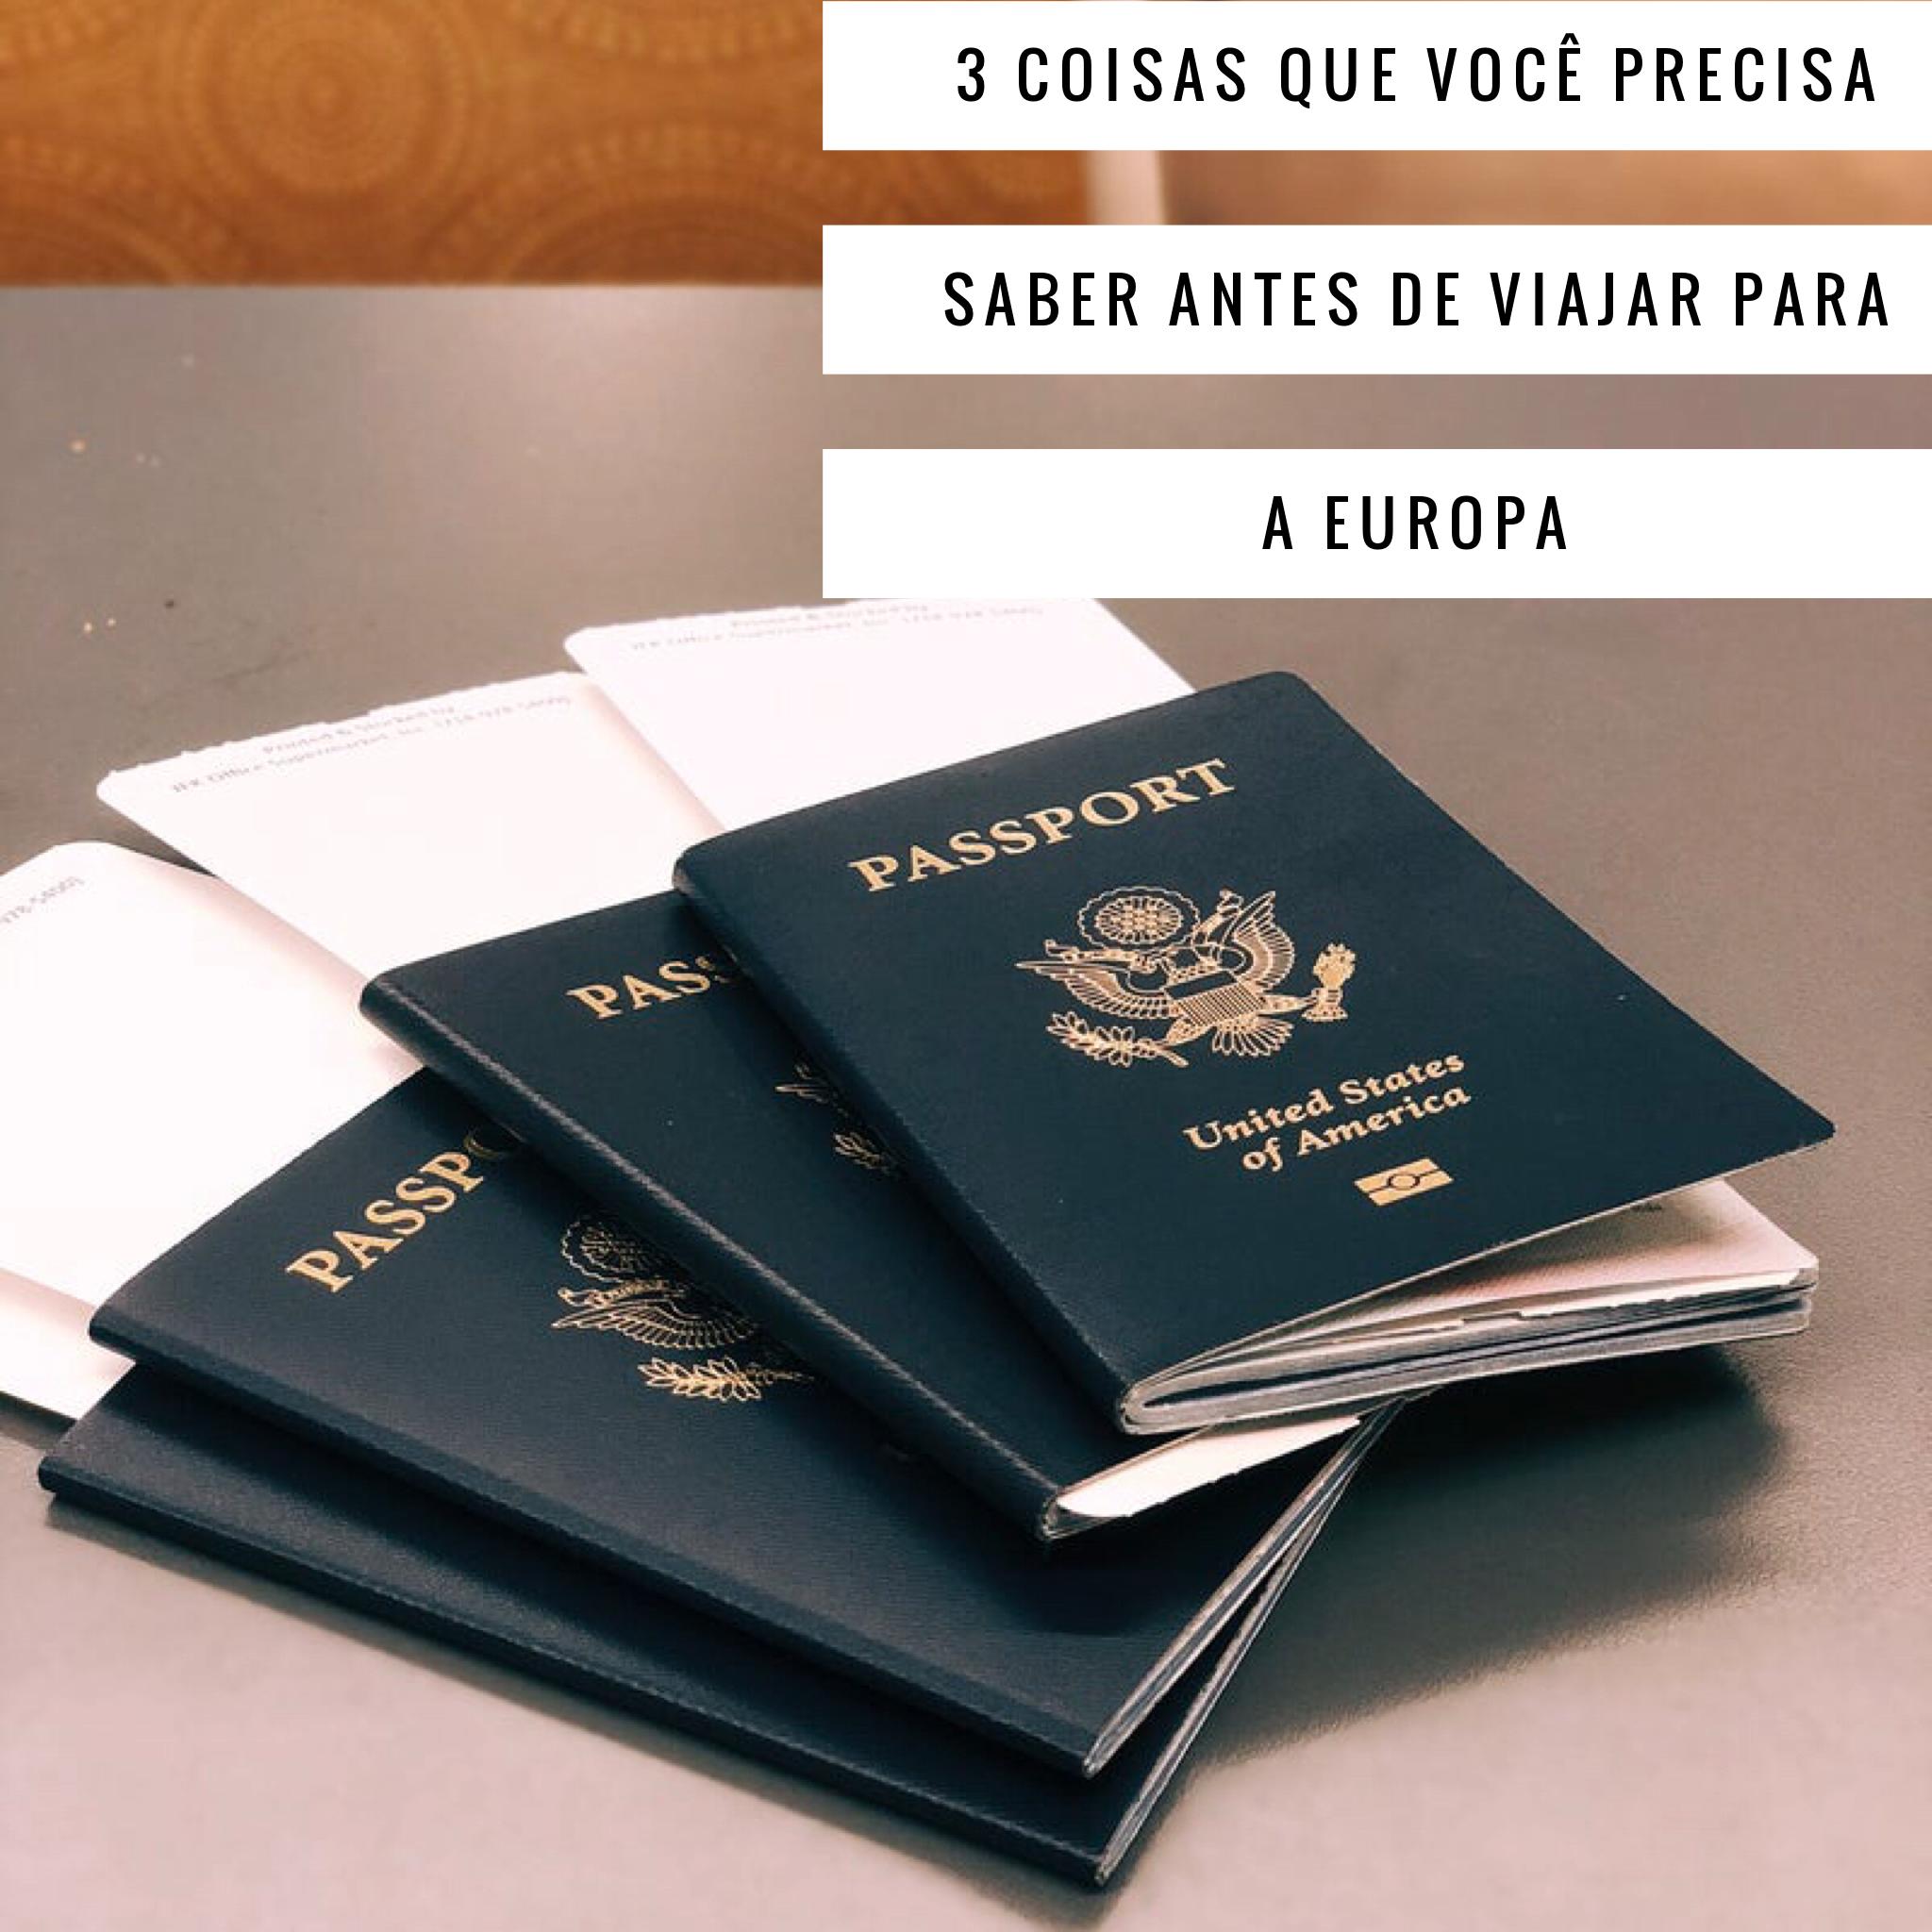 Coisas Que Precisa De Saber Antes De Visitar Portugal: Passaporte